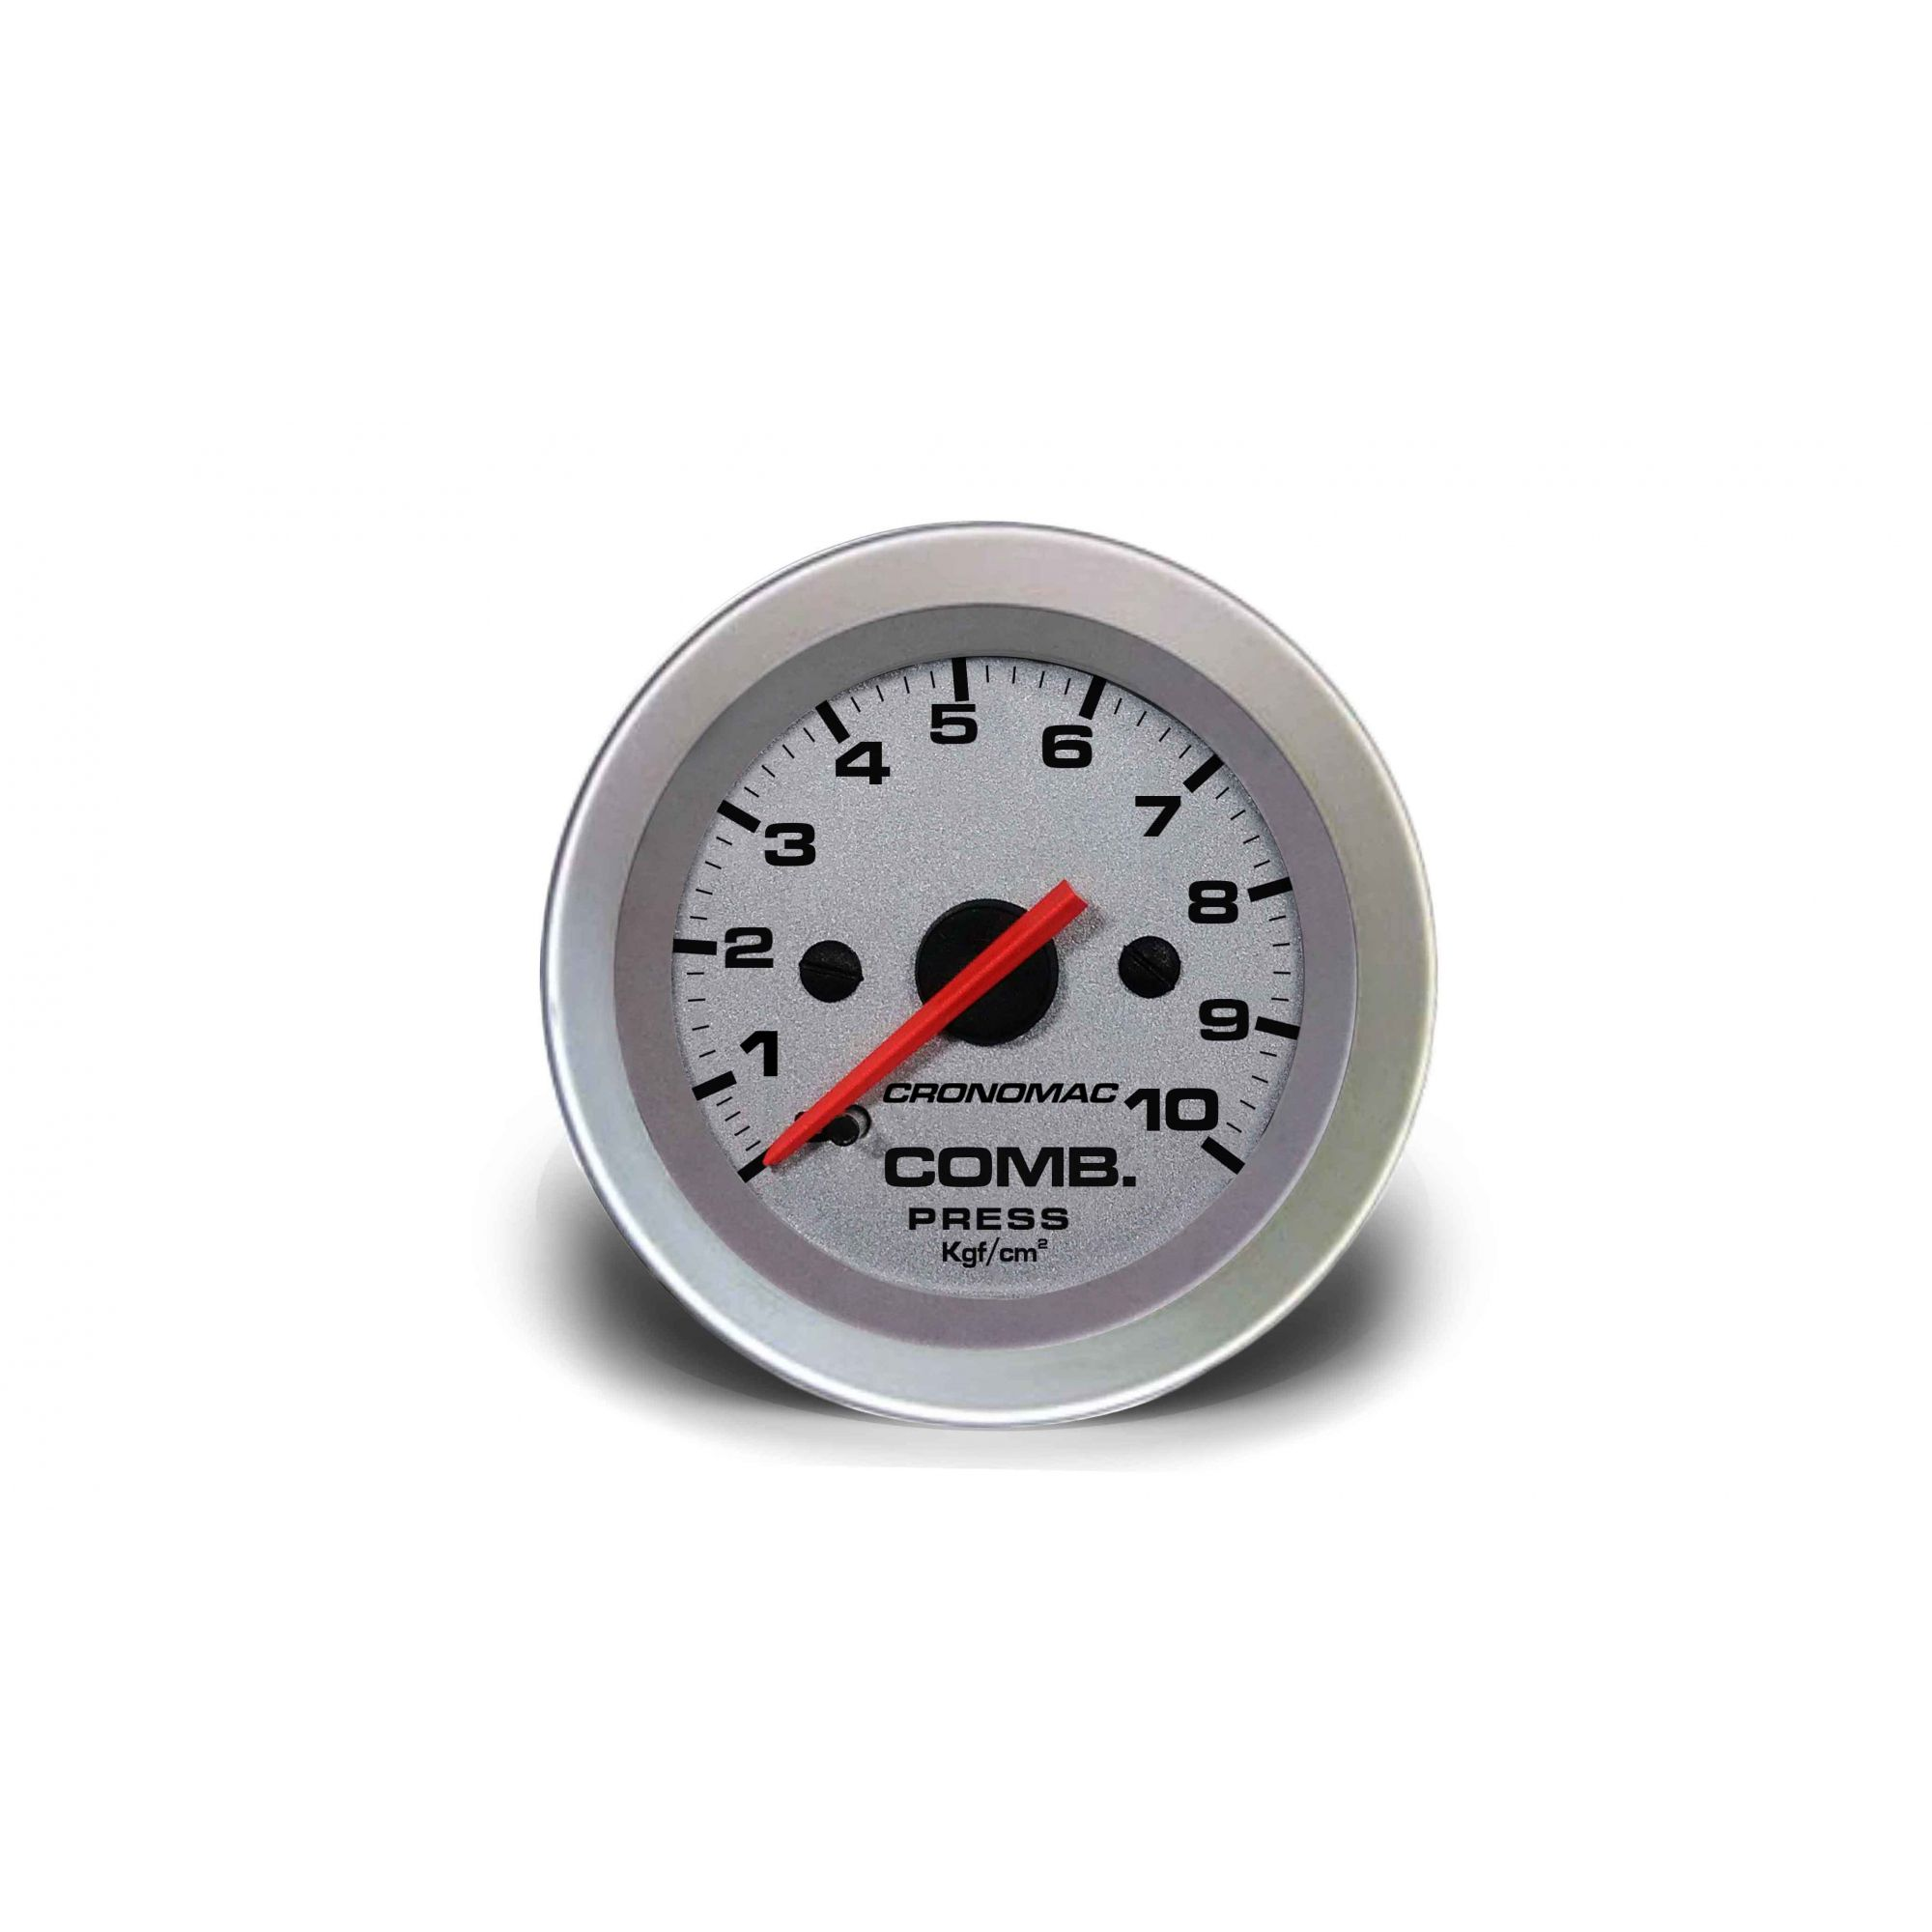 Relogio Pressao de Comb. 10kg Racing 52mm Cronomac